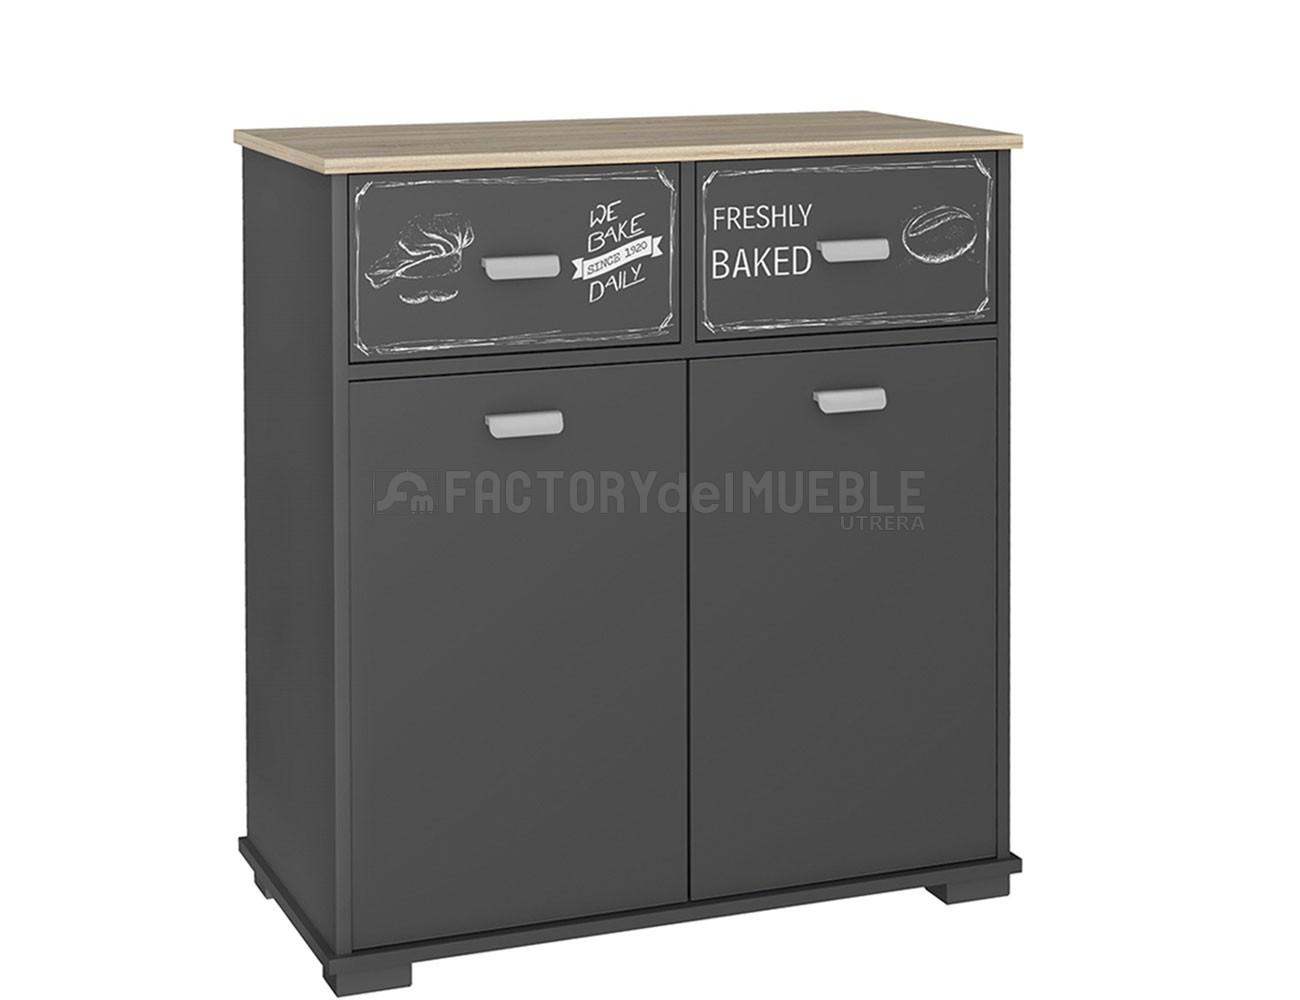 Mueble buffet de cocina de 90 cm de alto (3420) | Factory del Mueble ...